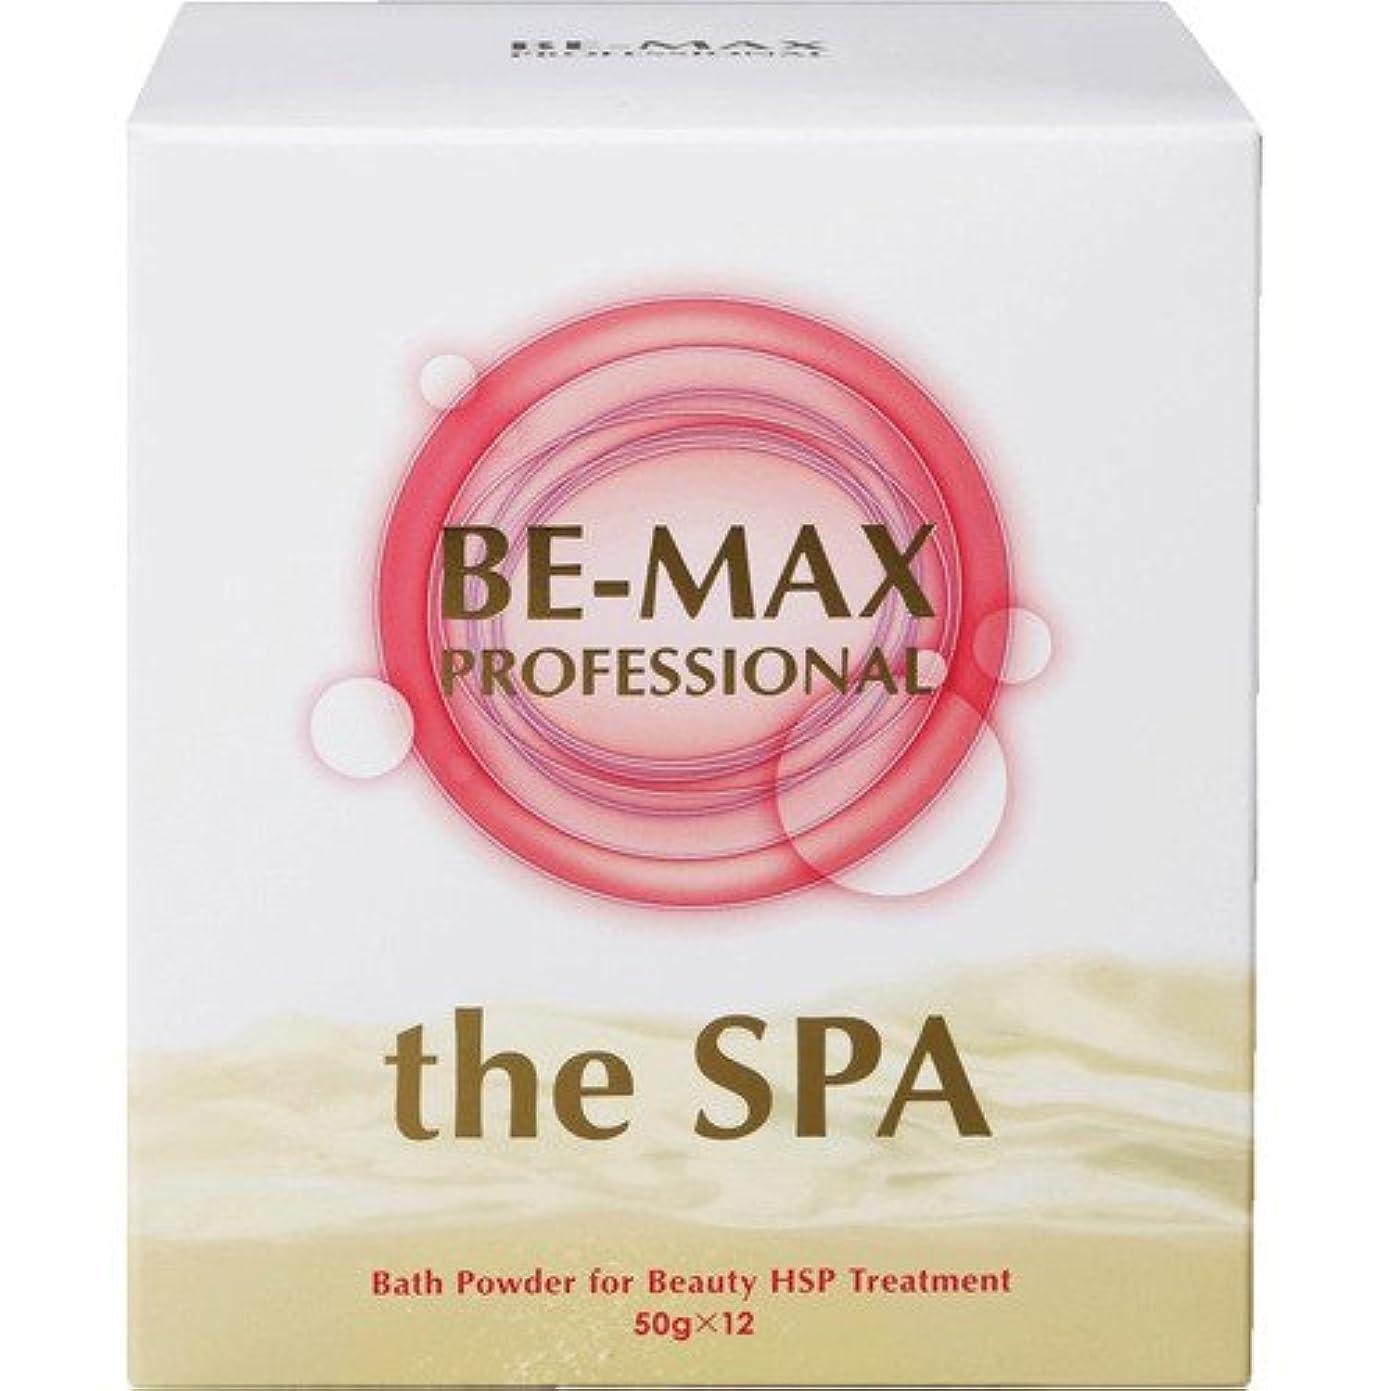 天の知っているに立ち寄るモットーBE-MAX the SPA 入浴剤 柑橘系ハーブ精油がふわりと香る微炭酸湯